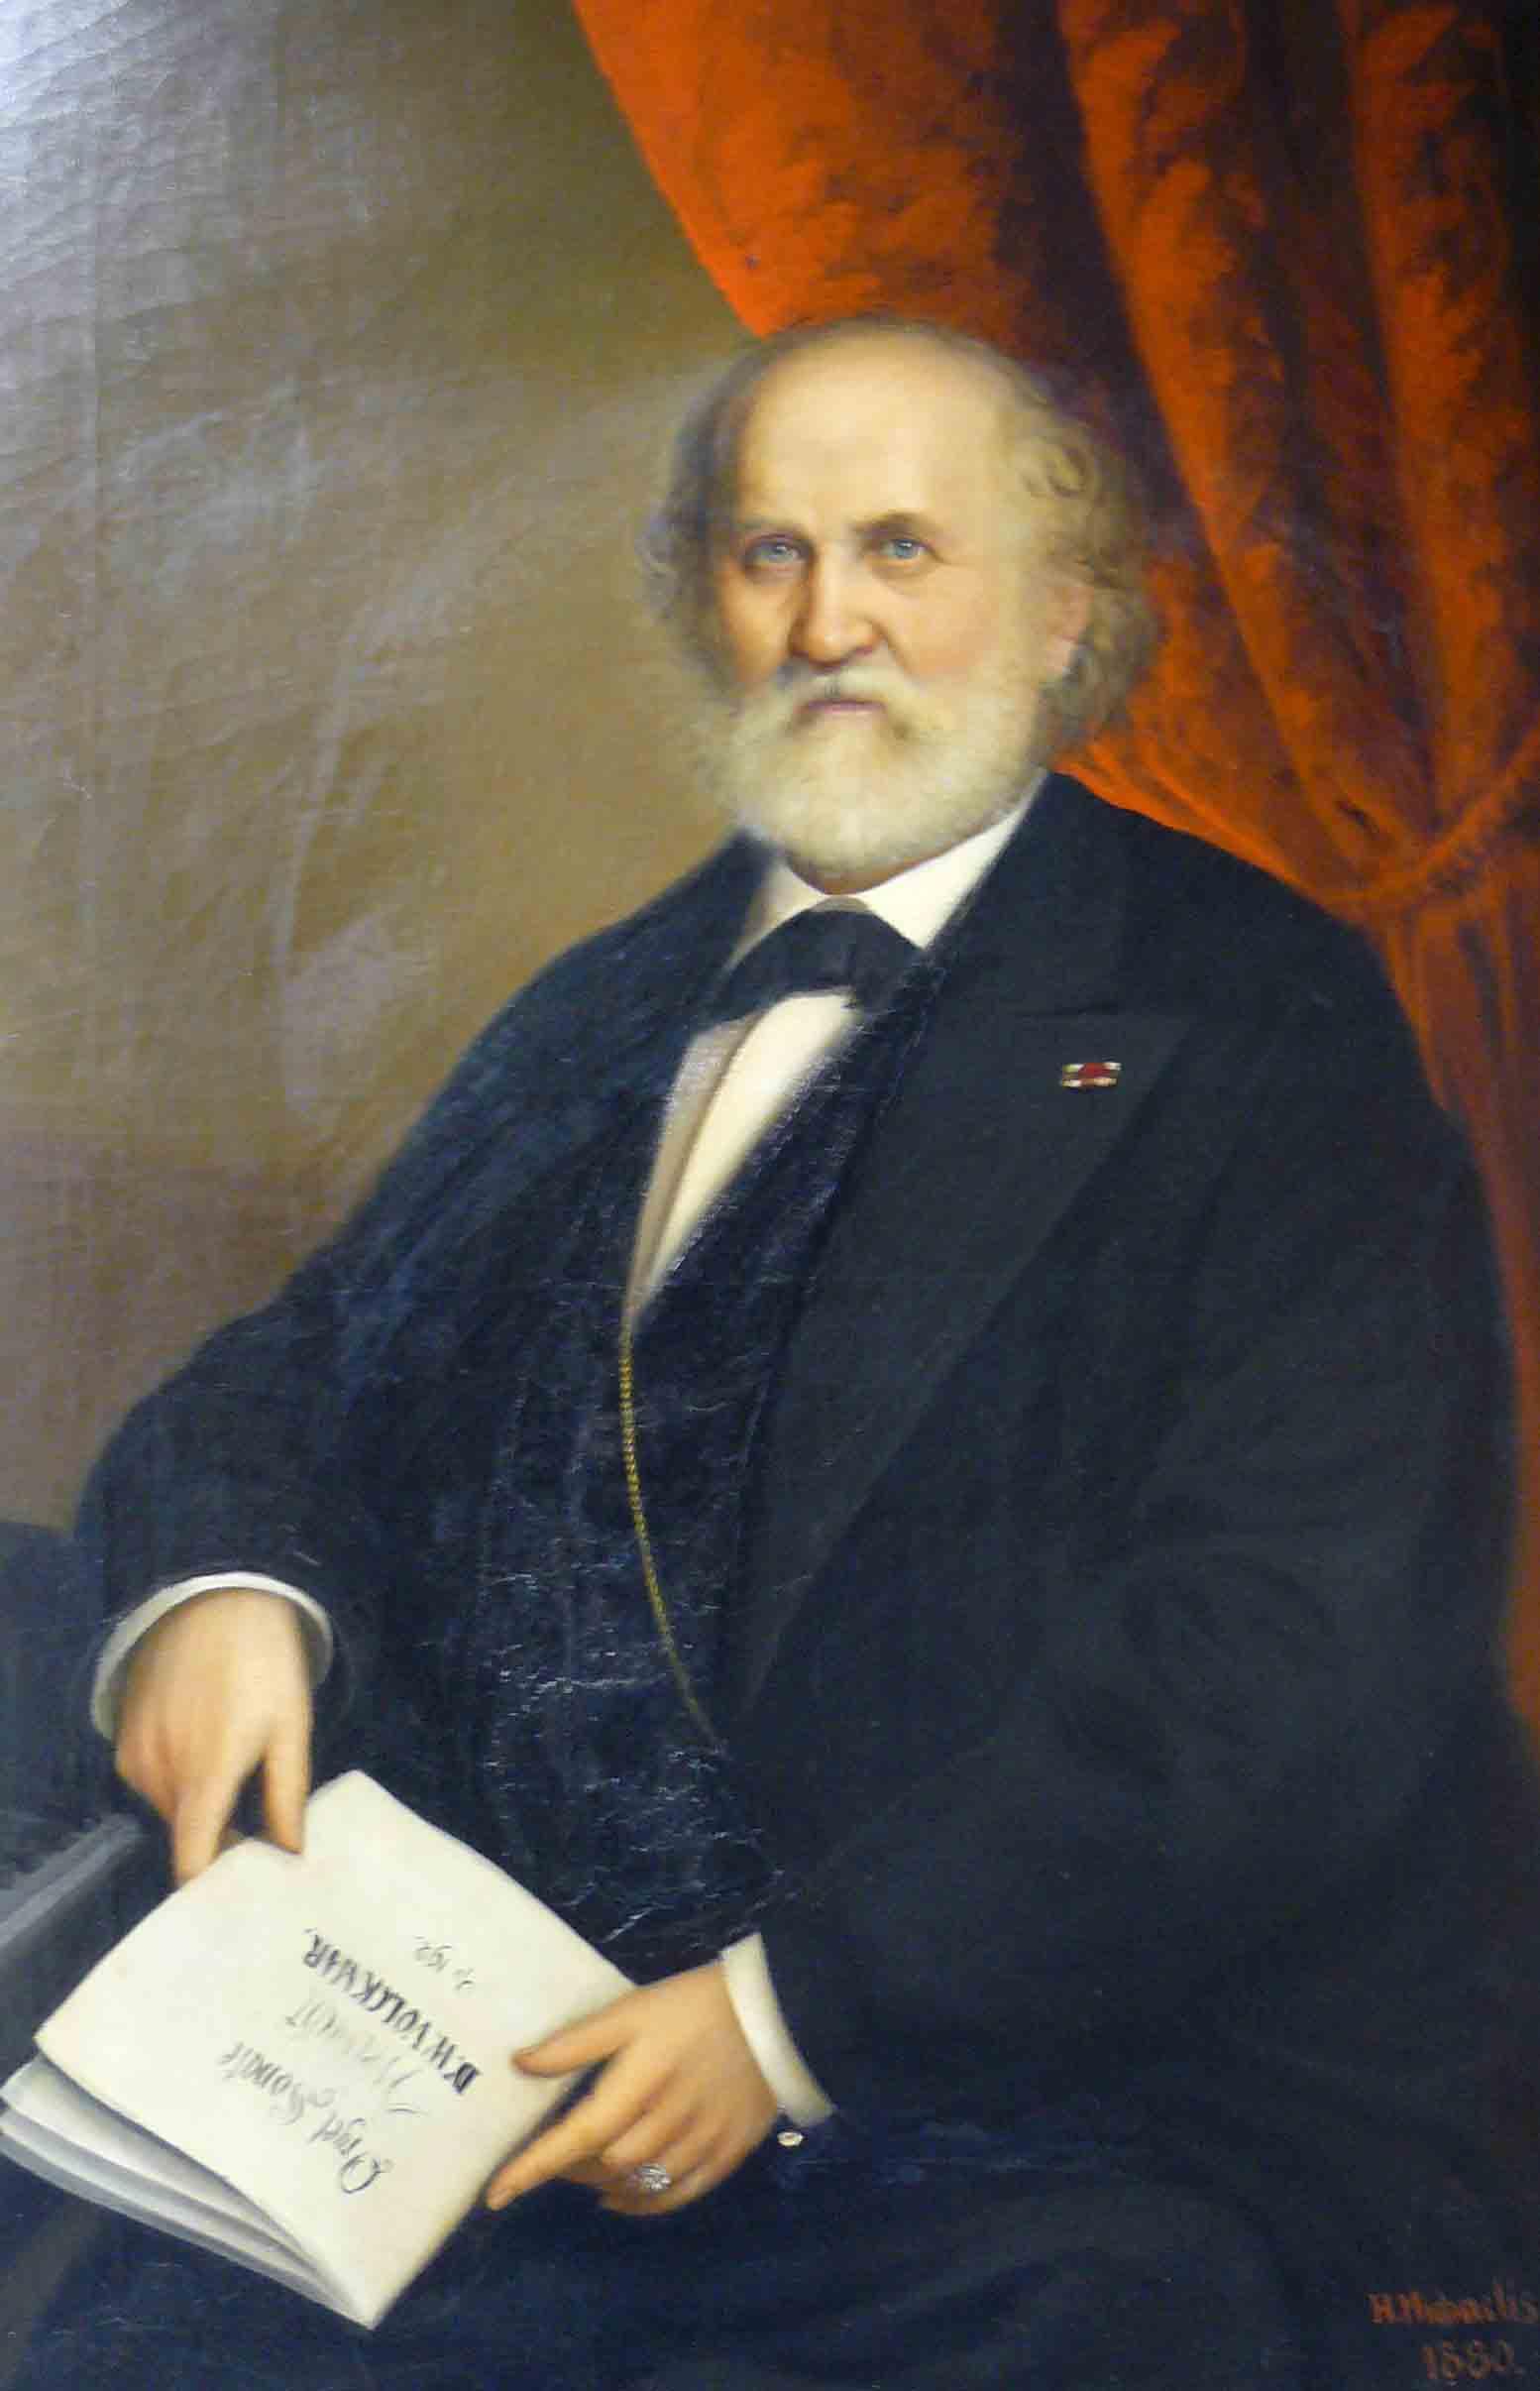 Dr. Wilhelm Volckmar